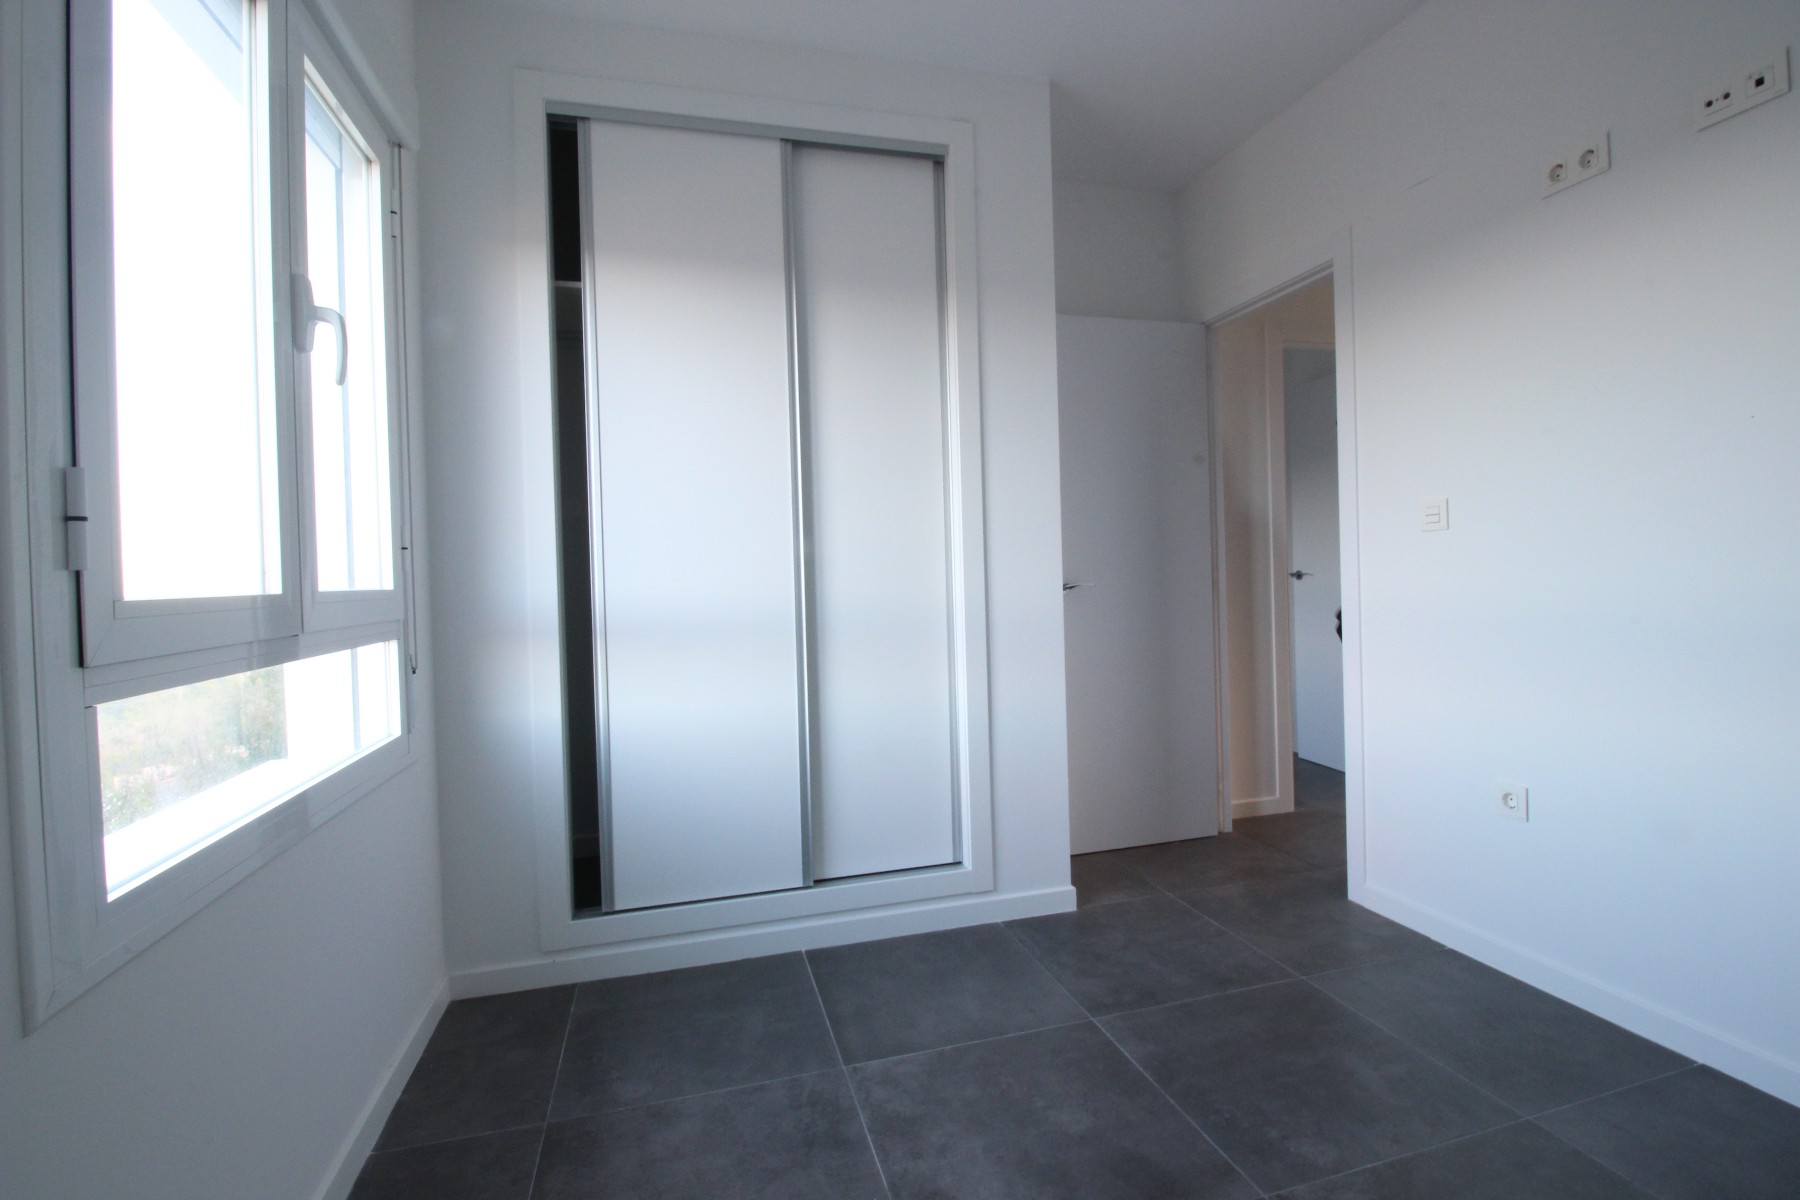 3 bedroom Apartament in Orihuela Costa - New build in Nexus Grupo